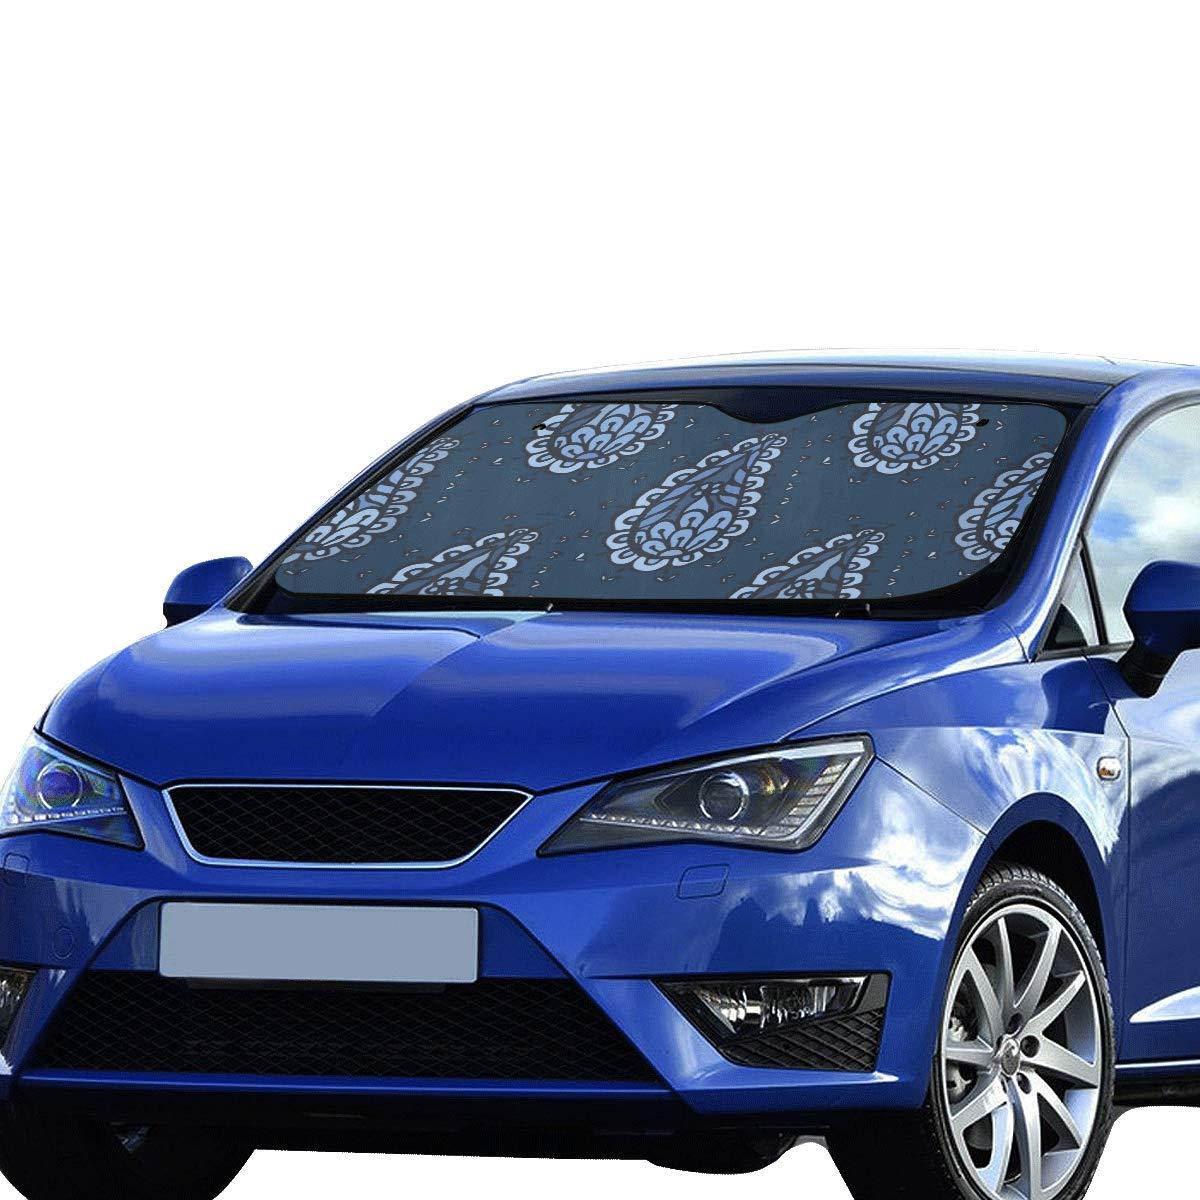 Amazon.com: GGKDL Car Sun Shade Front Windshield Indigo Blue ...